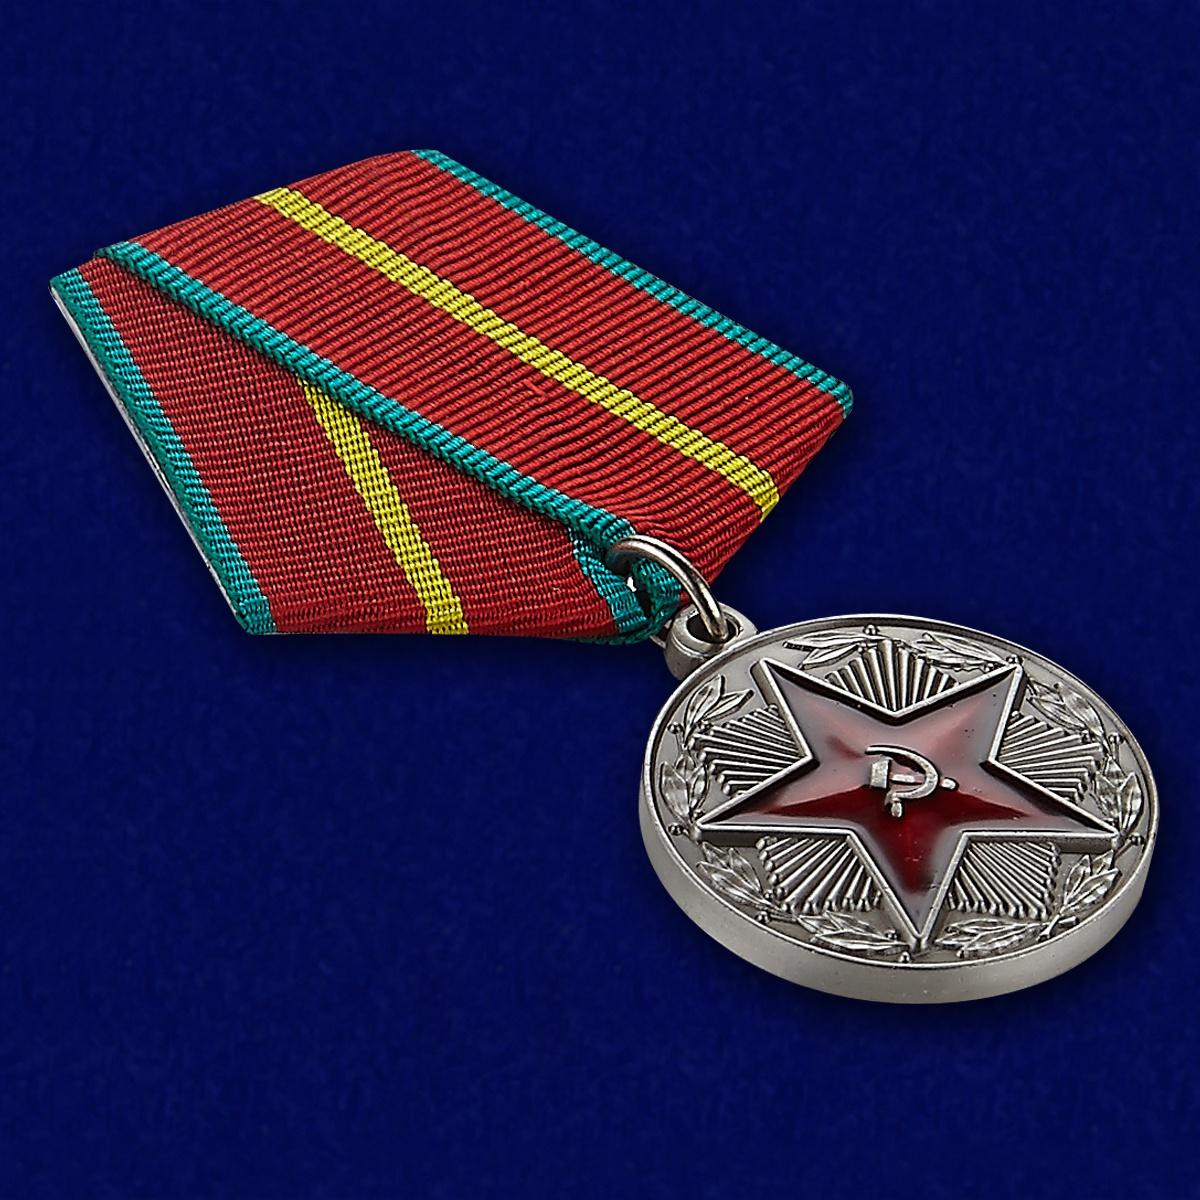 """Медаль """"За безупречную службу"""" МВД СССР 1 степень - общий вид"""